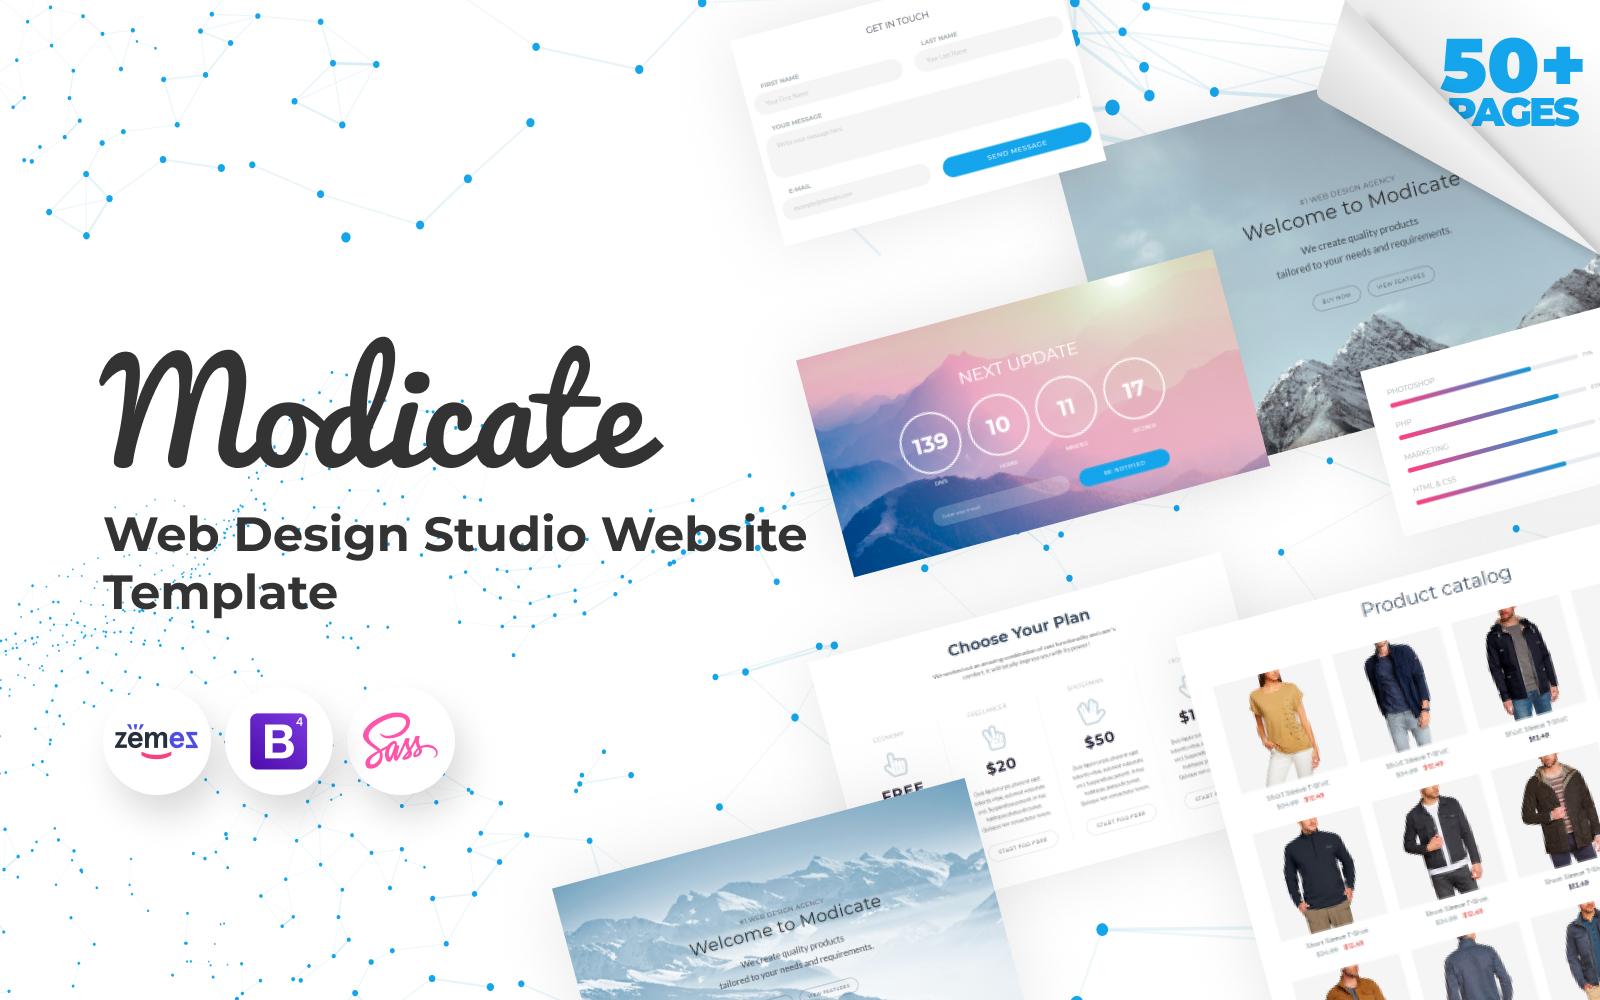 """Responzivní Šablona webových stránek """"Modicate - Web Design Studio Website Template"""" #58434"""